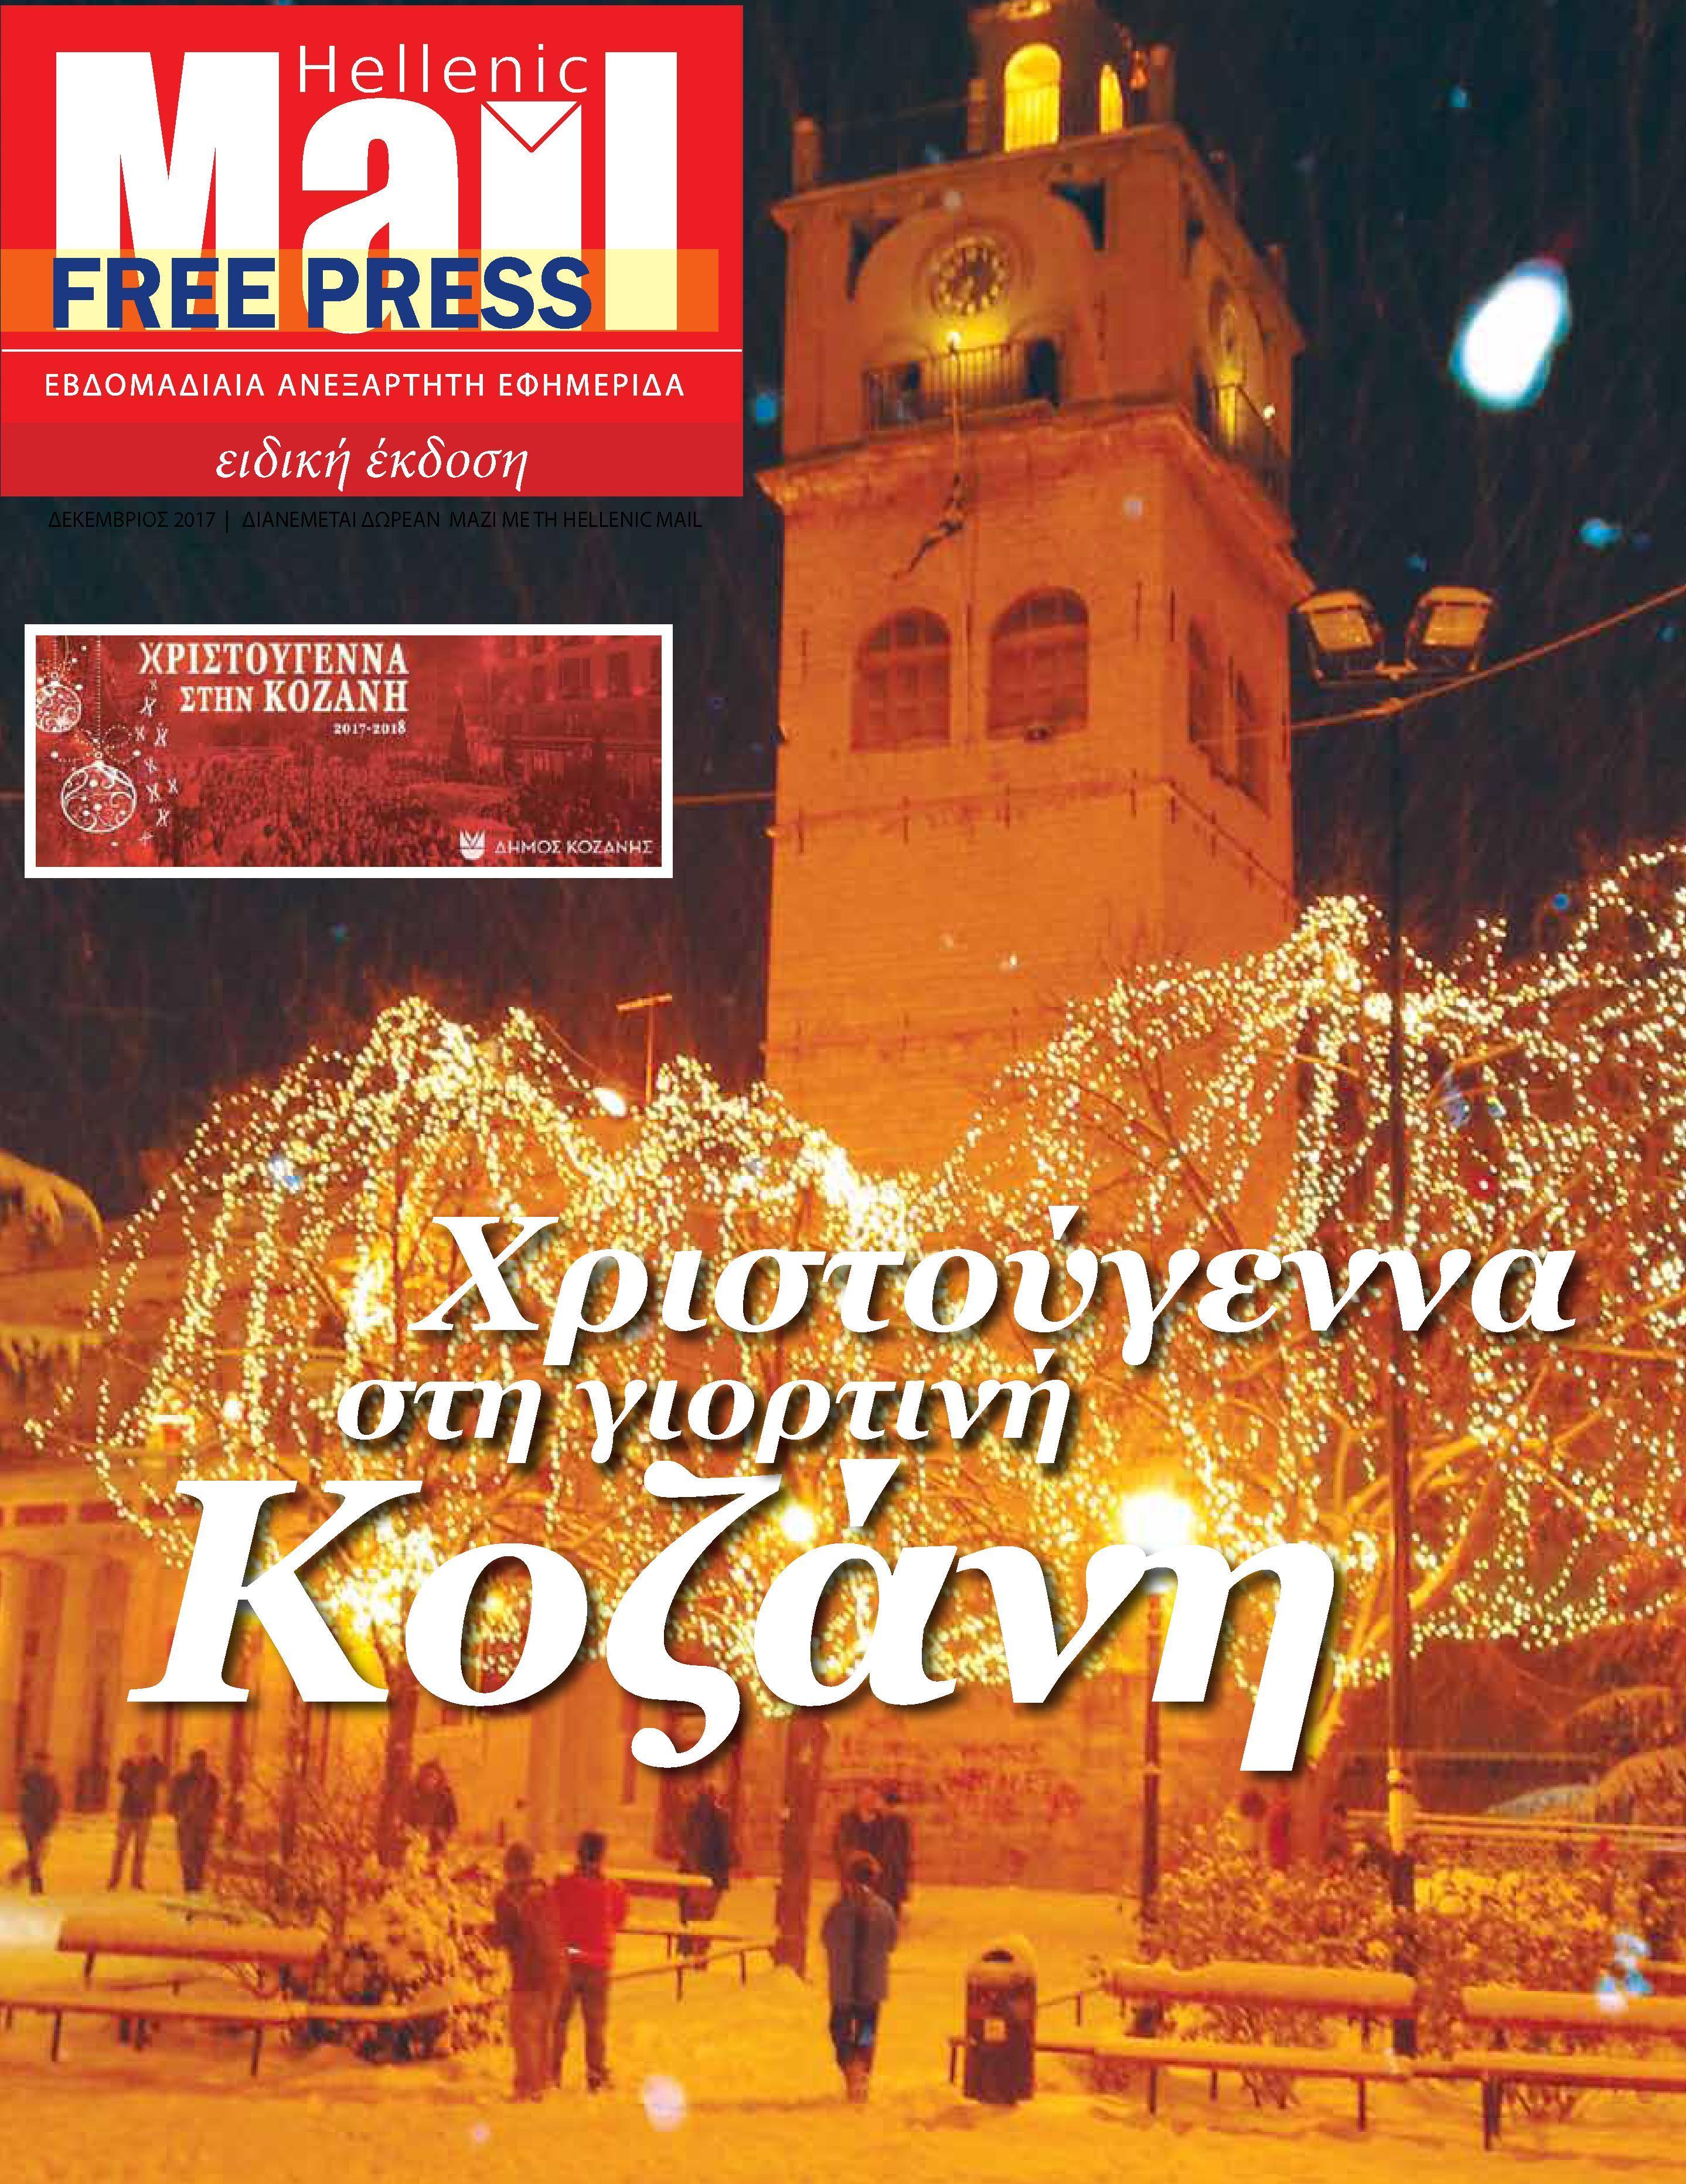 Οπισθόφυλλο εφημερίδας Hellenic Mail